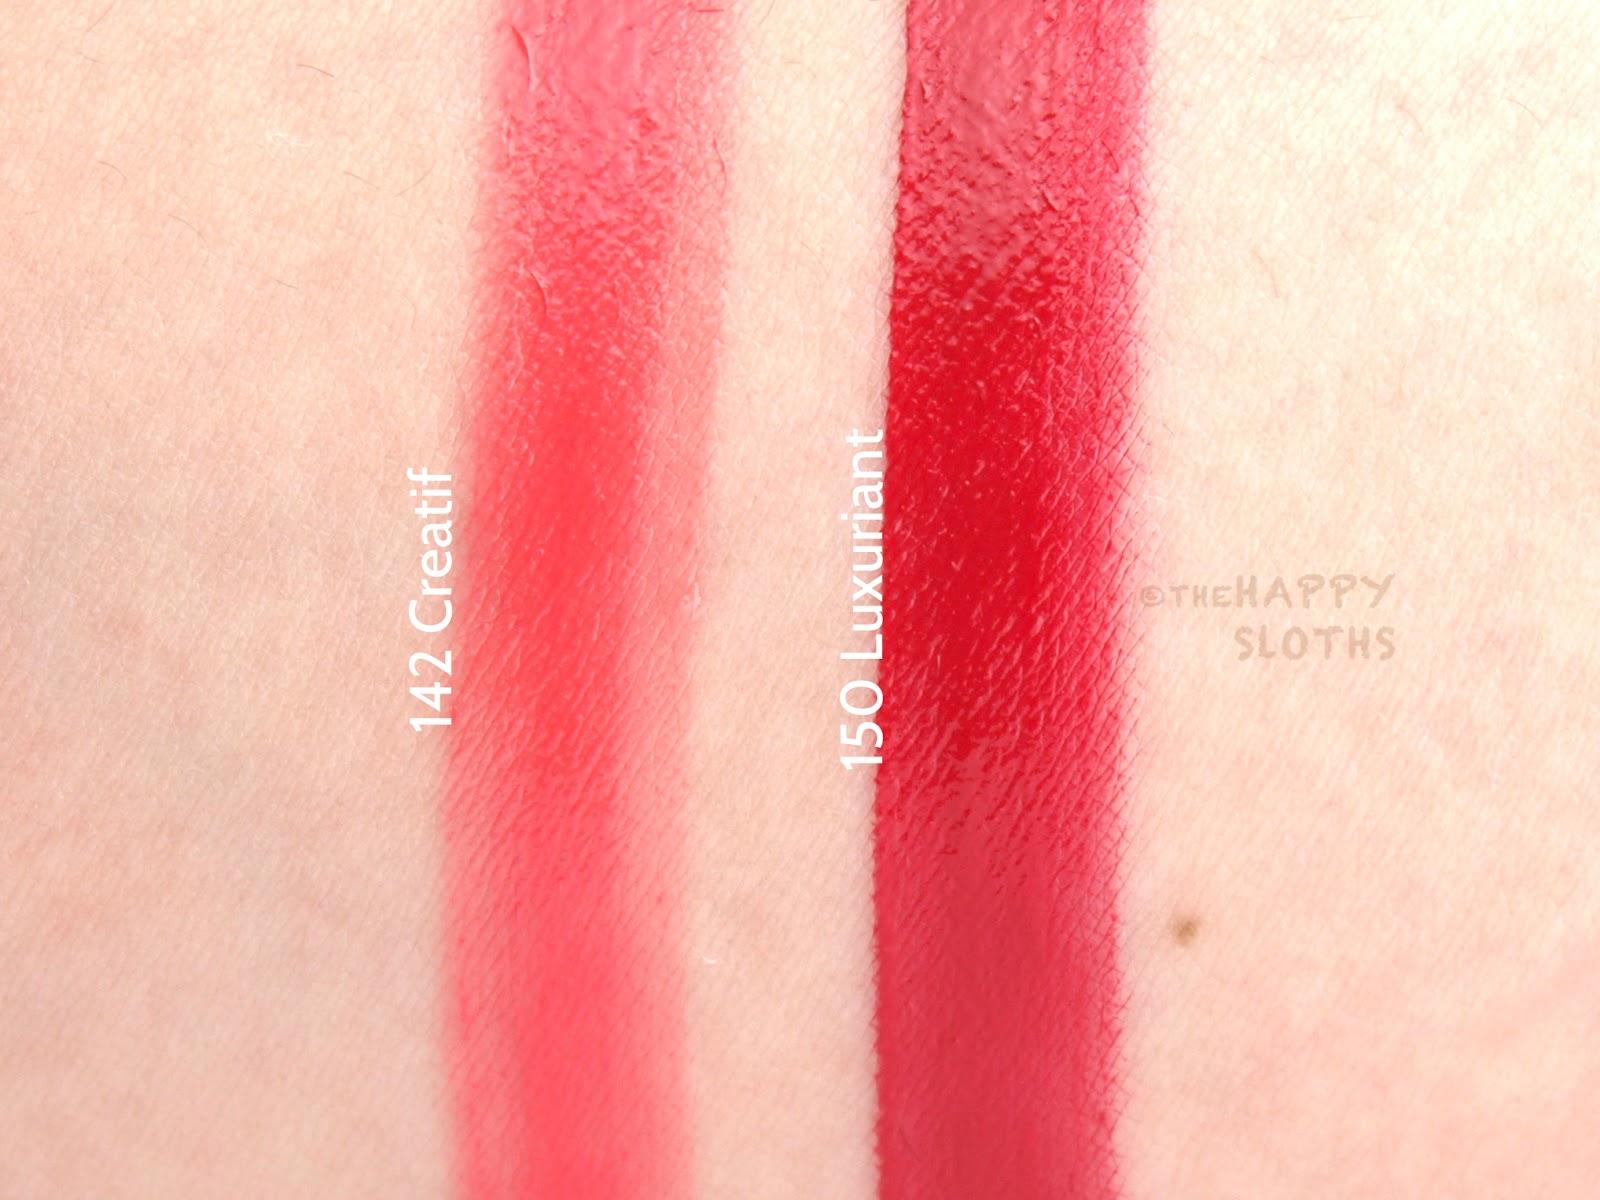 Rouge Allure Ink Matte Liquid Lip Colour by Chanel #18